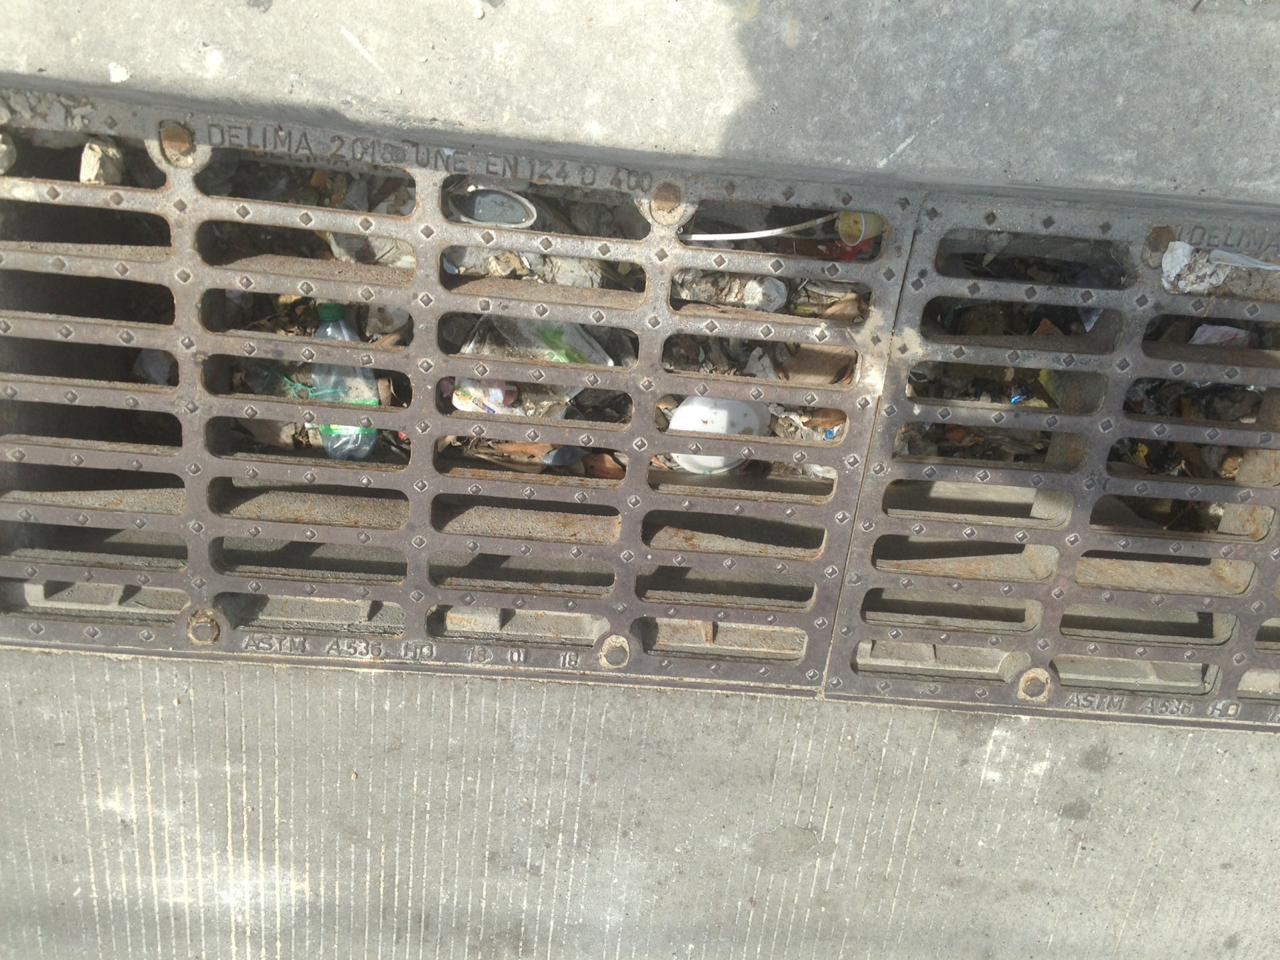 Rejillas totalmente obstruidas por la basura.